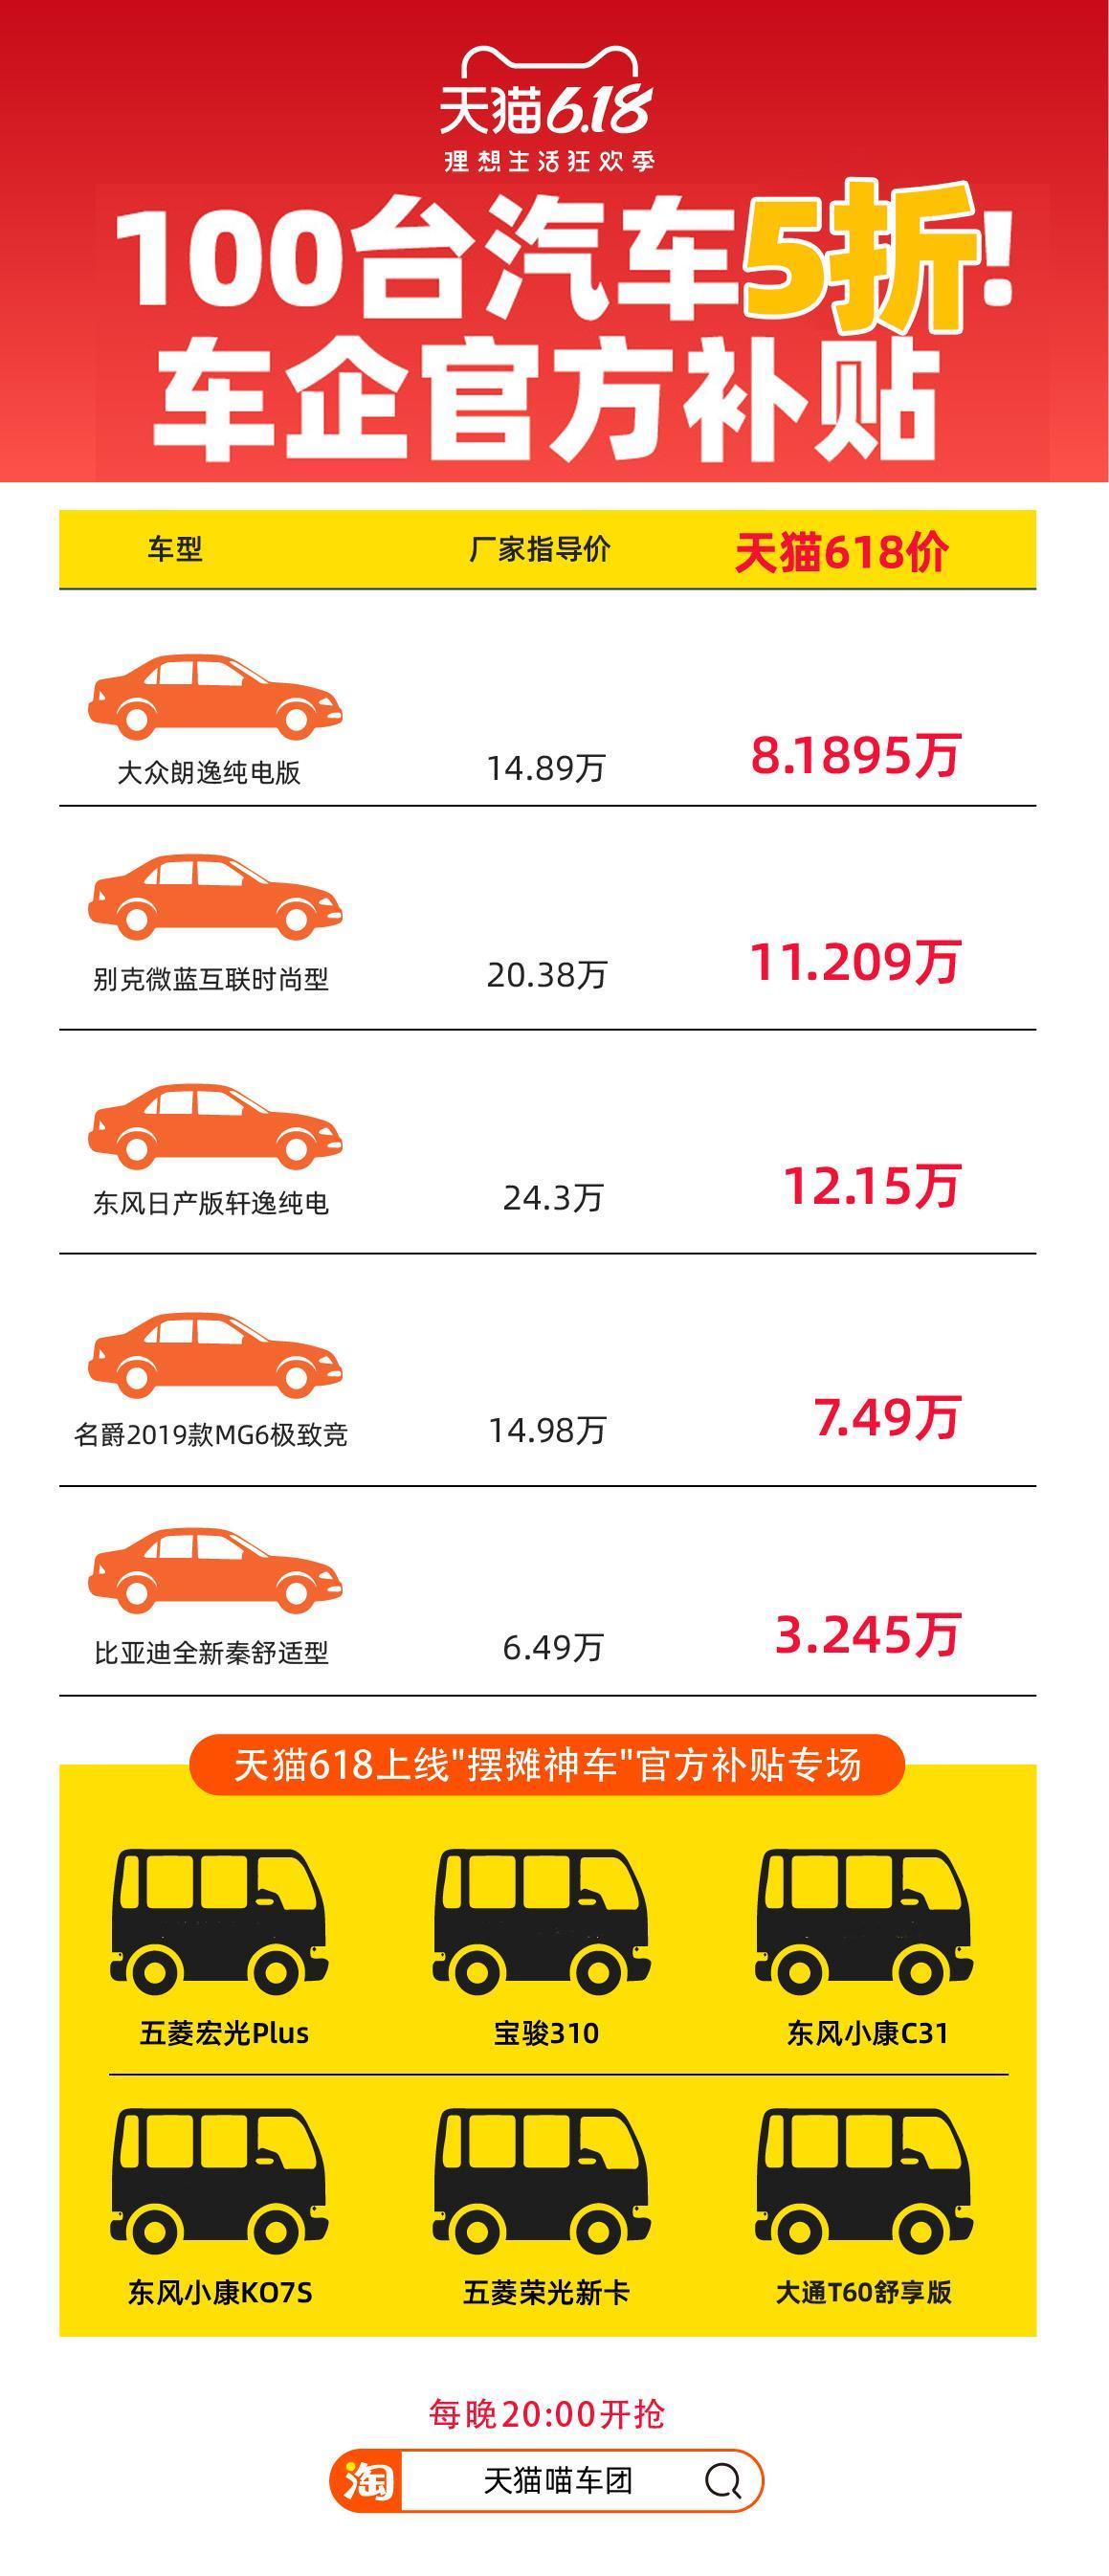 天猫618:大众、别克、比亚迪等官方补贴 5折卖车